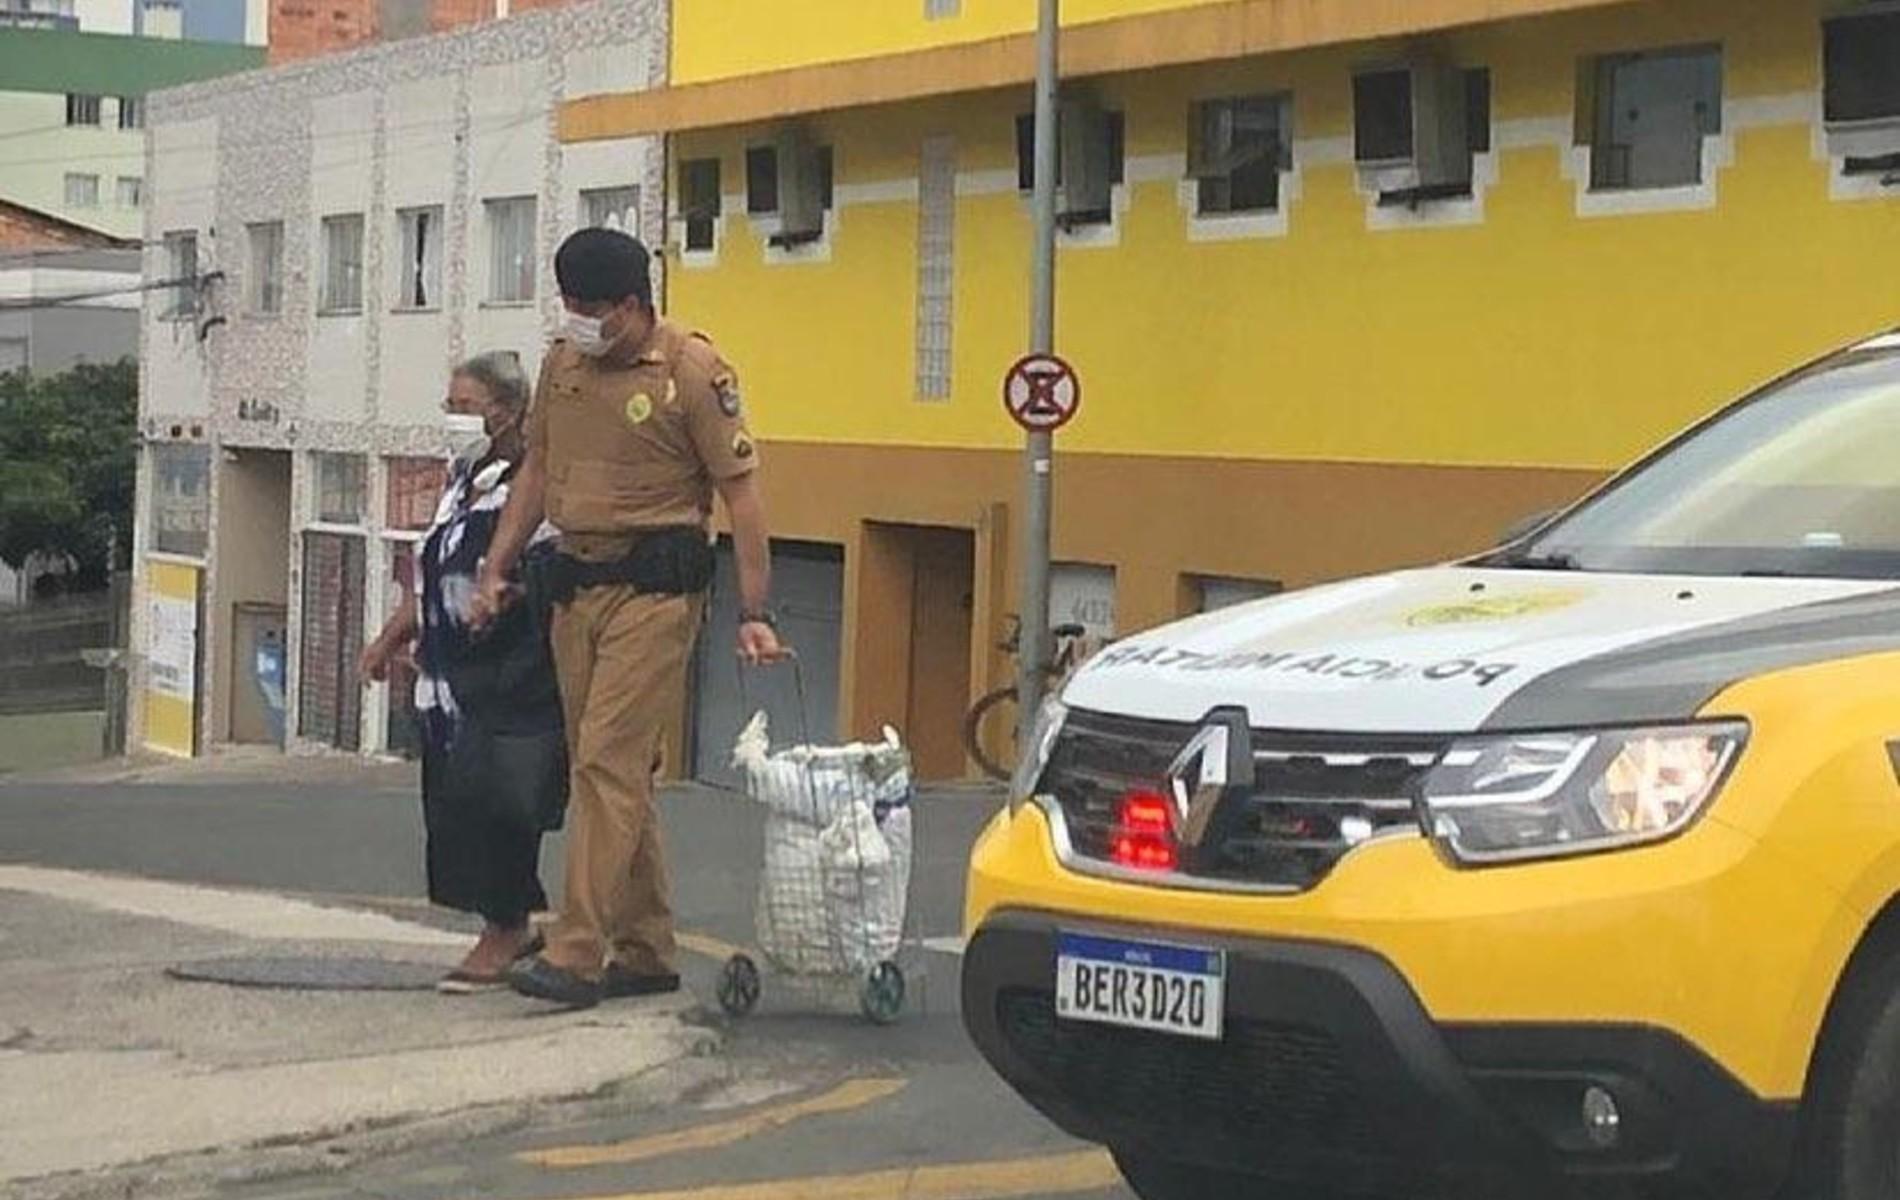 Policial desce de carro da PM e ajuda idosa a chegar em agência bancária, em Ponta Grossa; VÍDEO